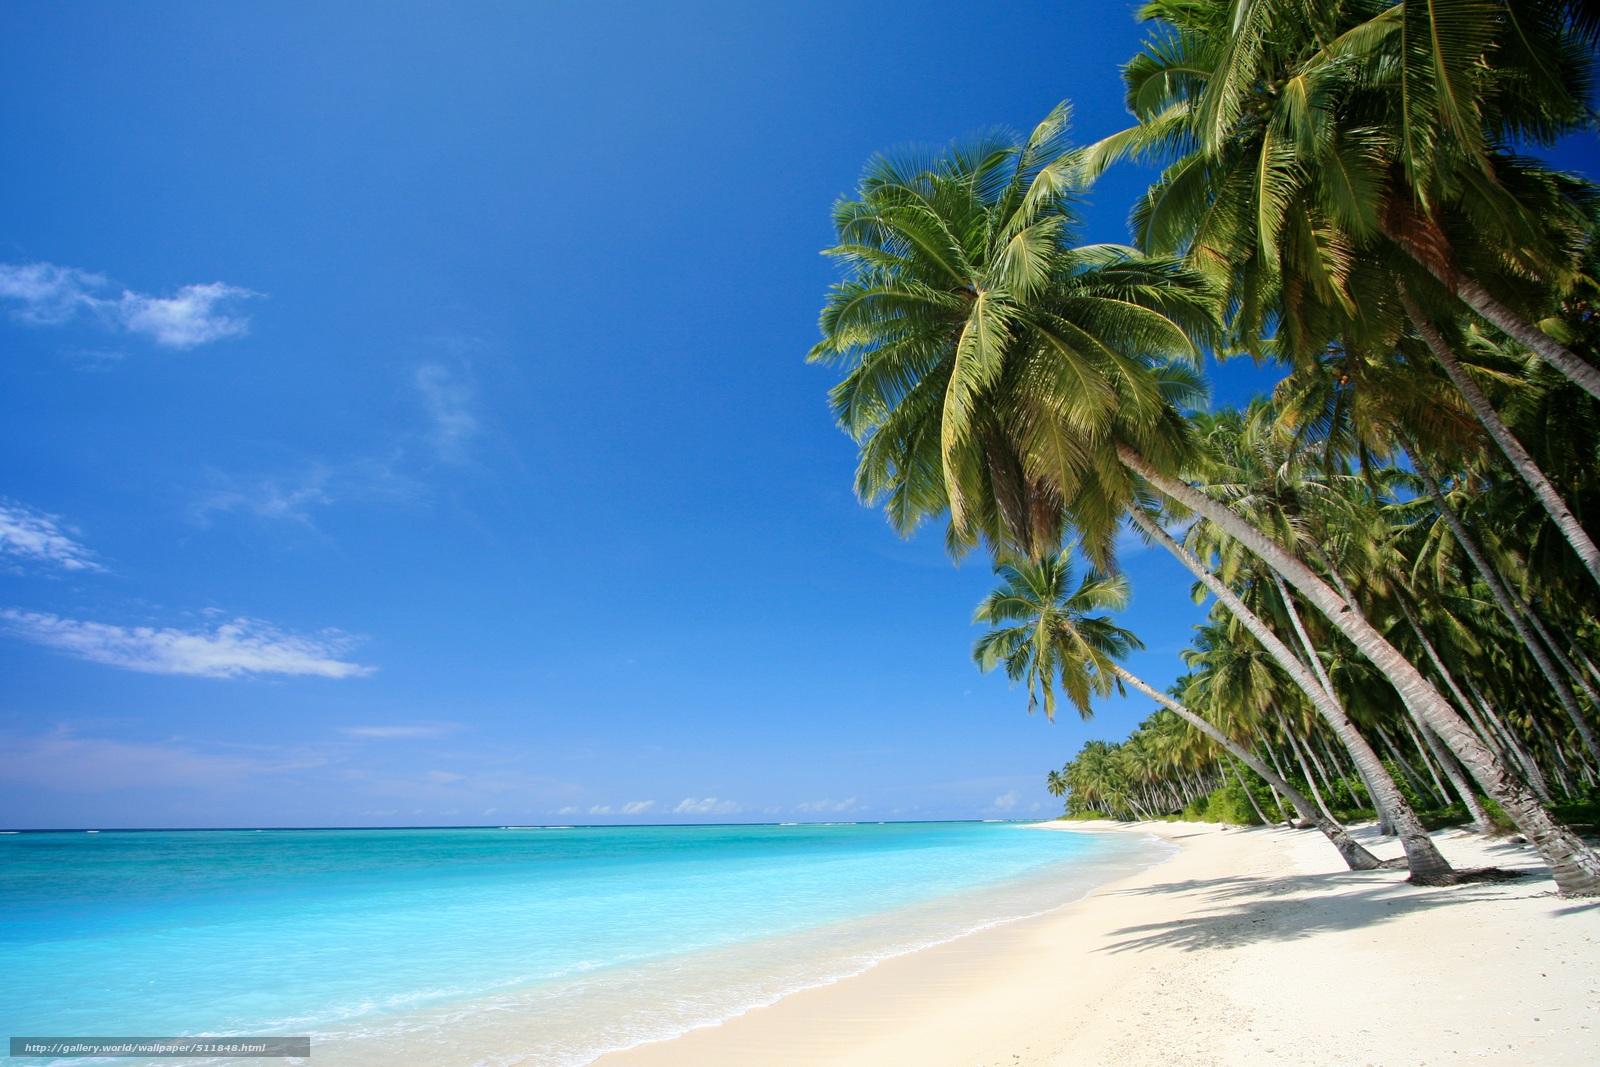 Смотреть в hd качестве новинкииндустрия развлечений/private tropical 24 11 фотография